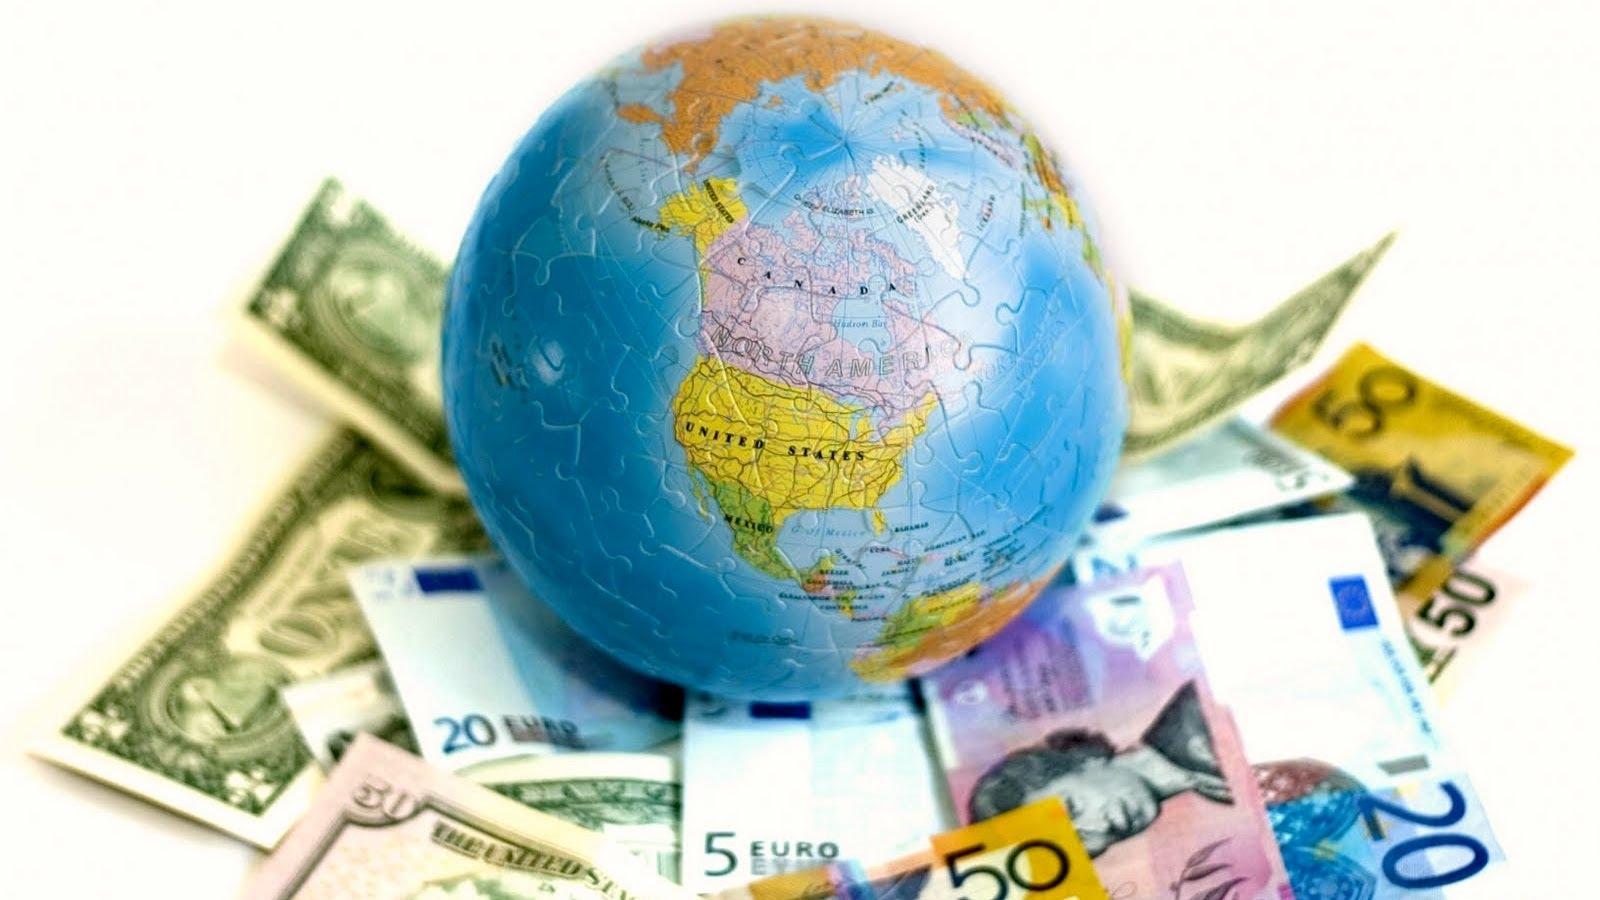 Vous rendez-vous compte ? Les gouvernements ne parviennent pas à rembourser leurs dettes à des taux négatifs ou légèrement positifs